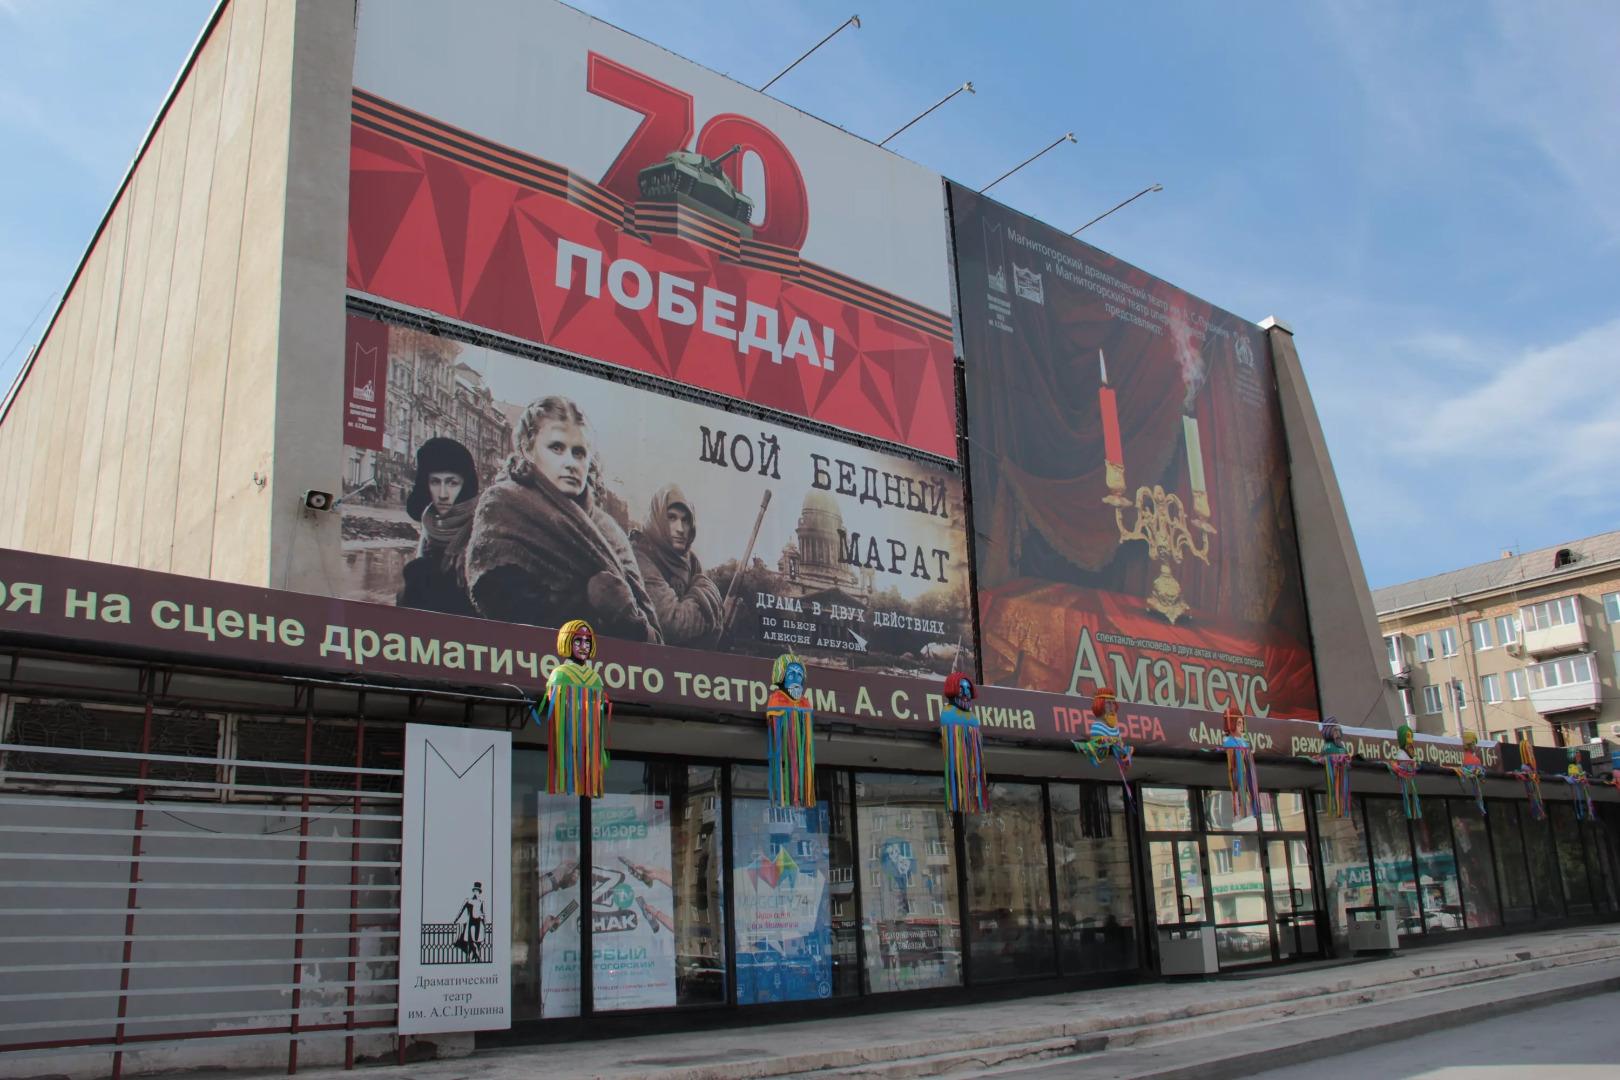 Магнитогорский драматический театр им. А.С. Пушкина, Магнитогорск